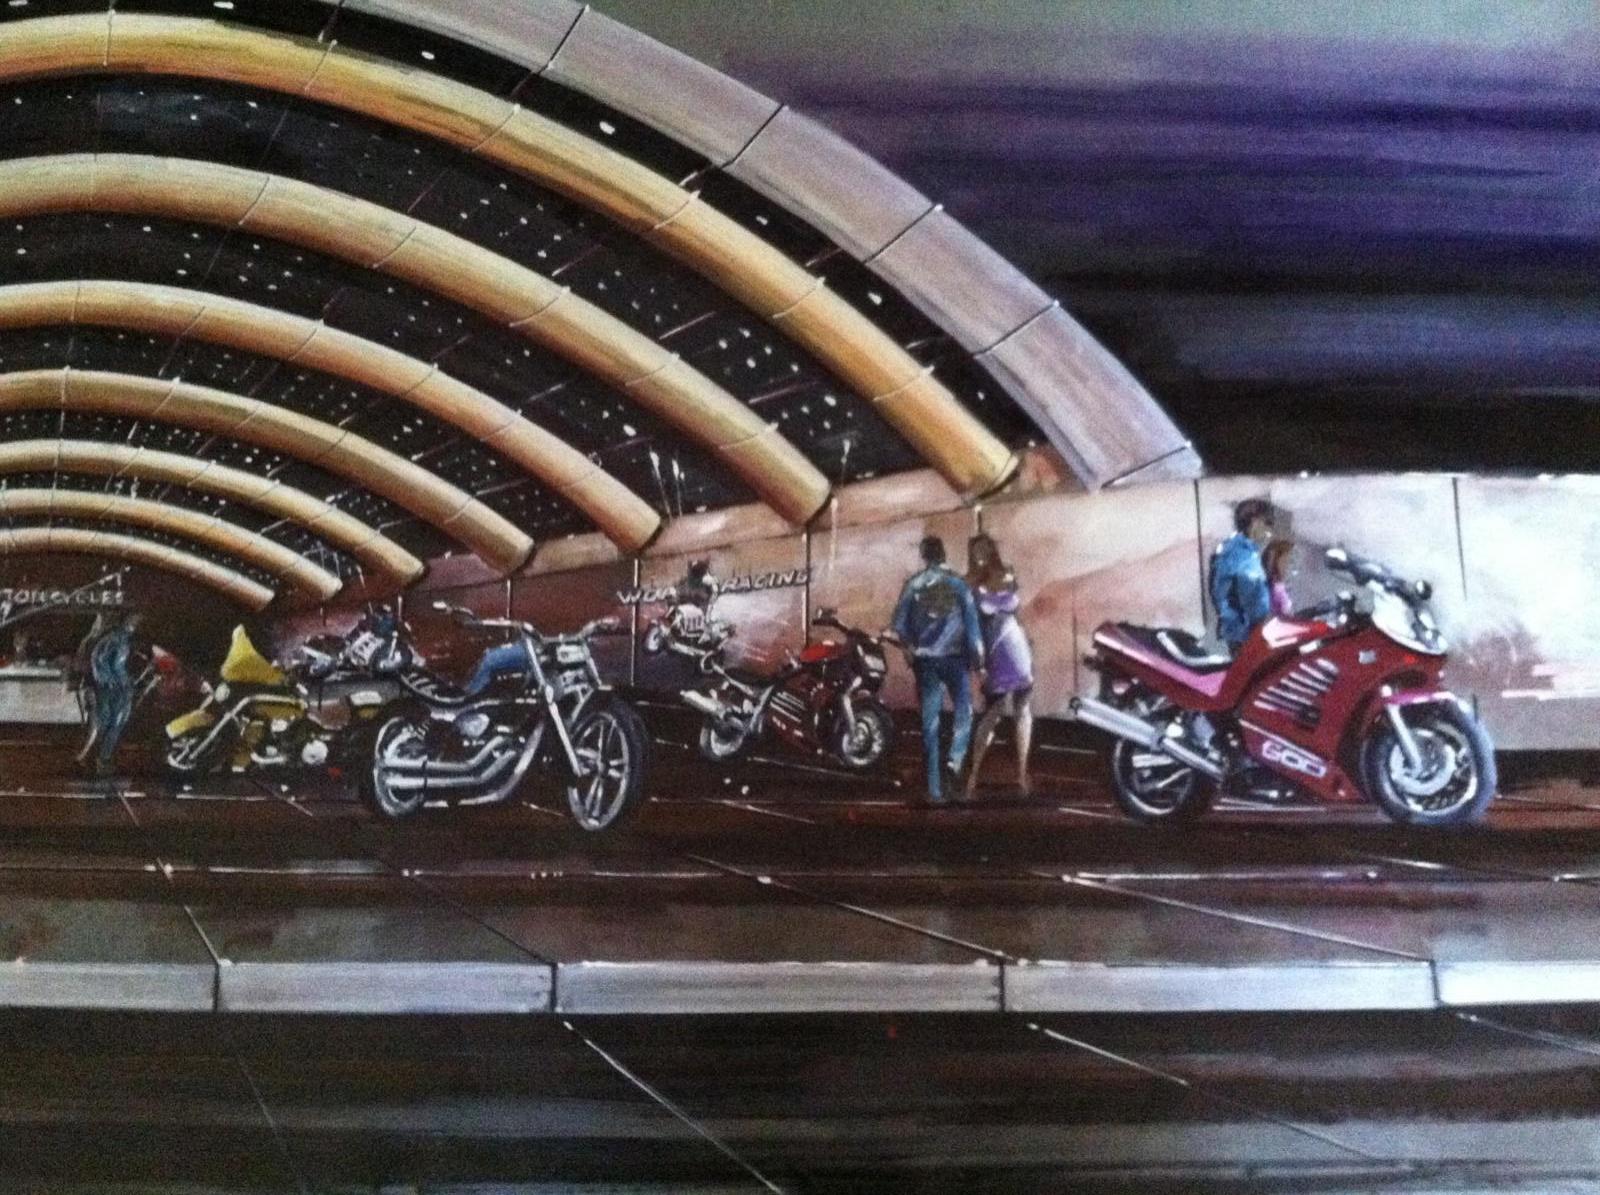 Motorcycle dealership